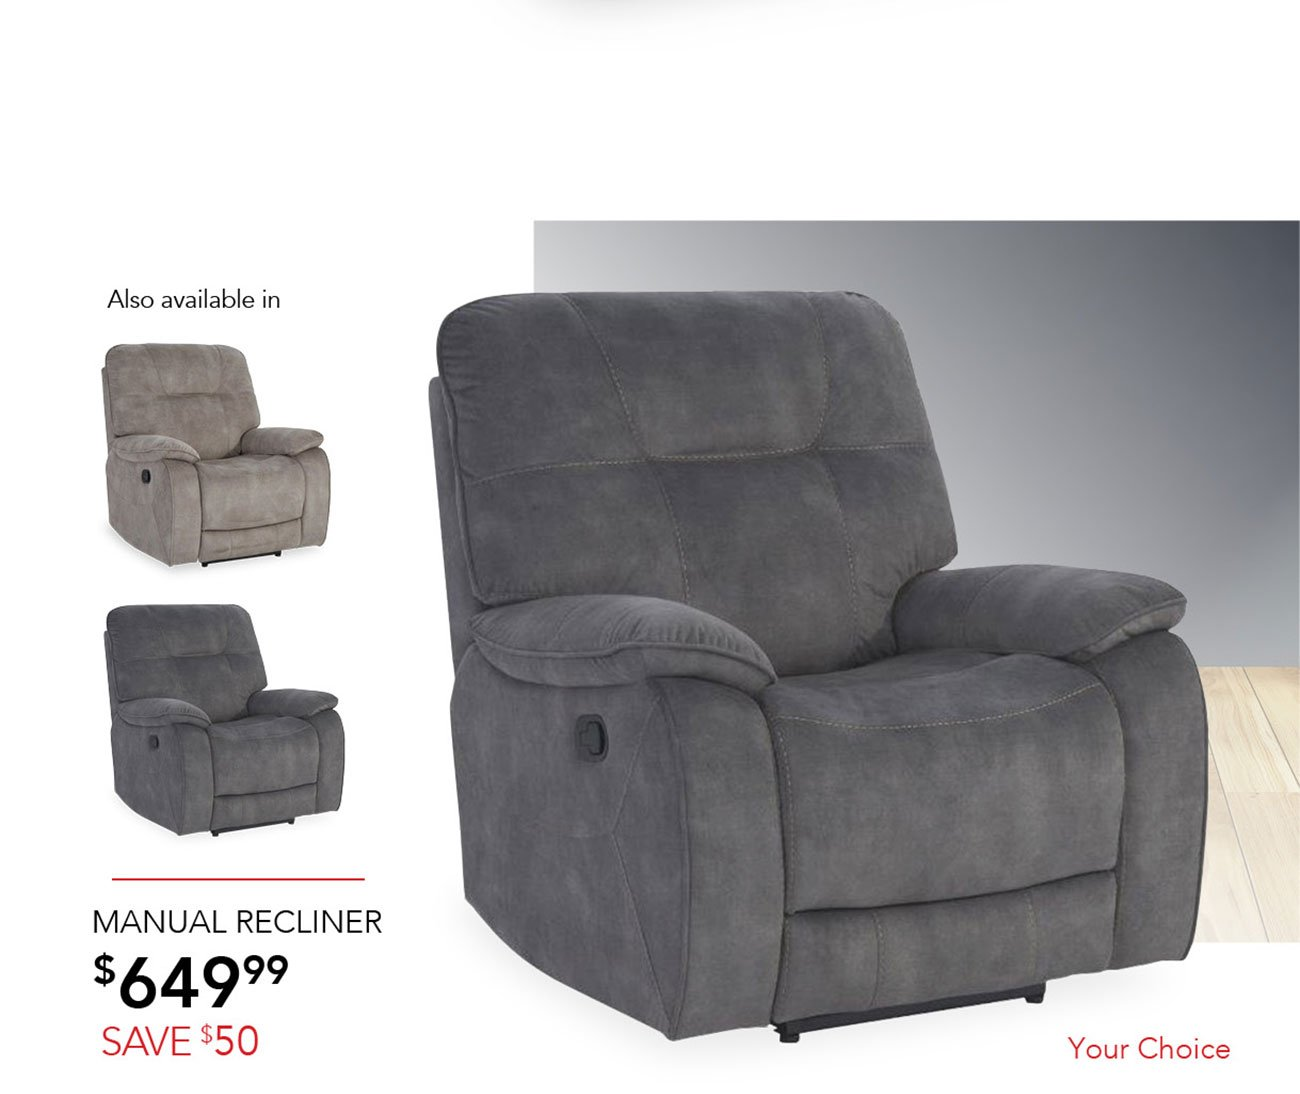 manual-recliner